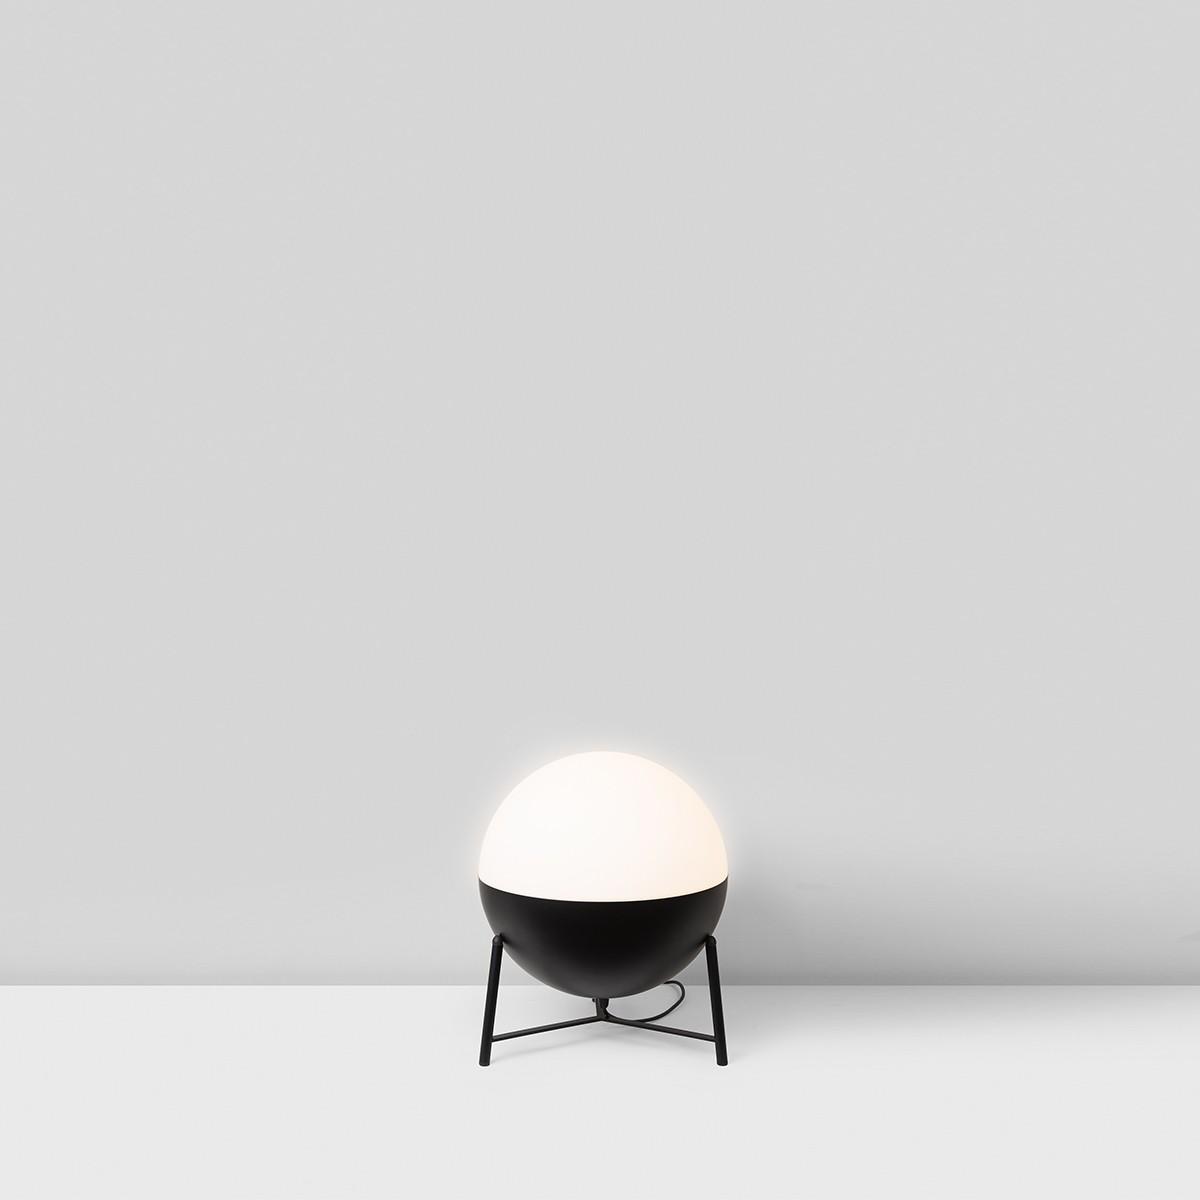 Milan Half Stehleuchte, Ø: 25 cm, Dreibein-Stativ klein, schwarz